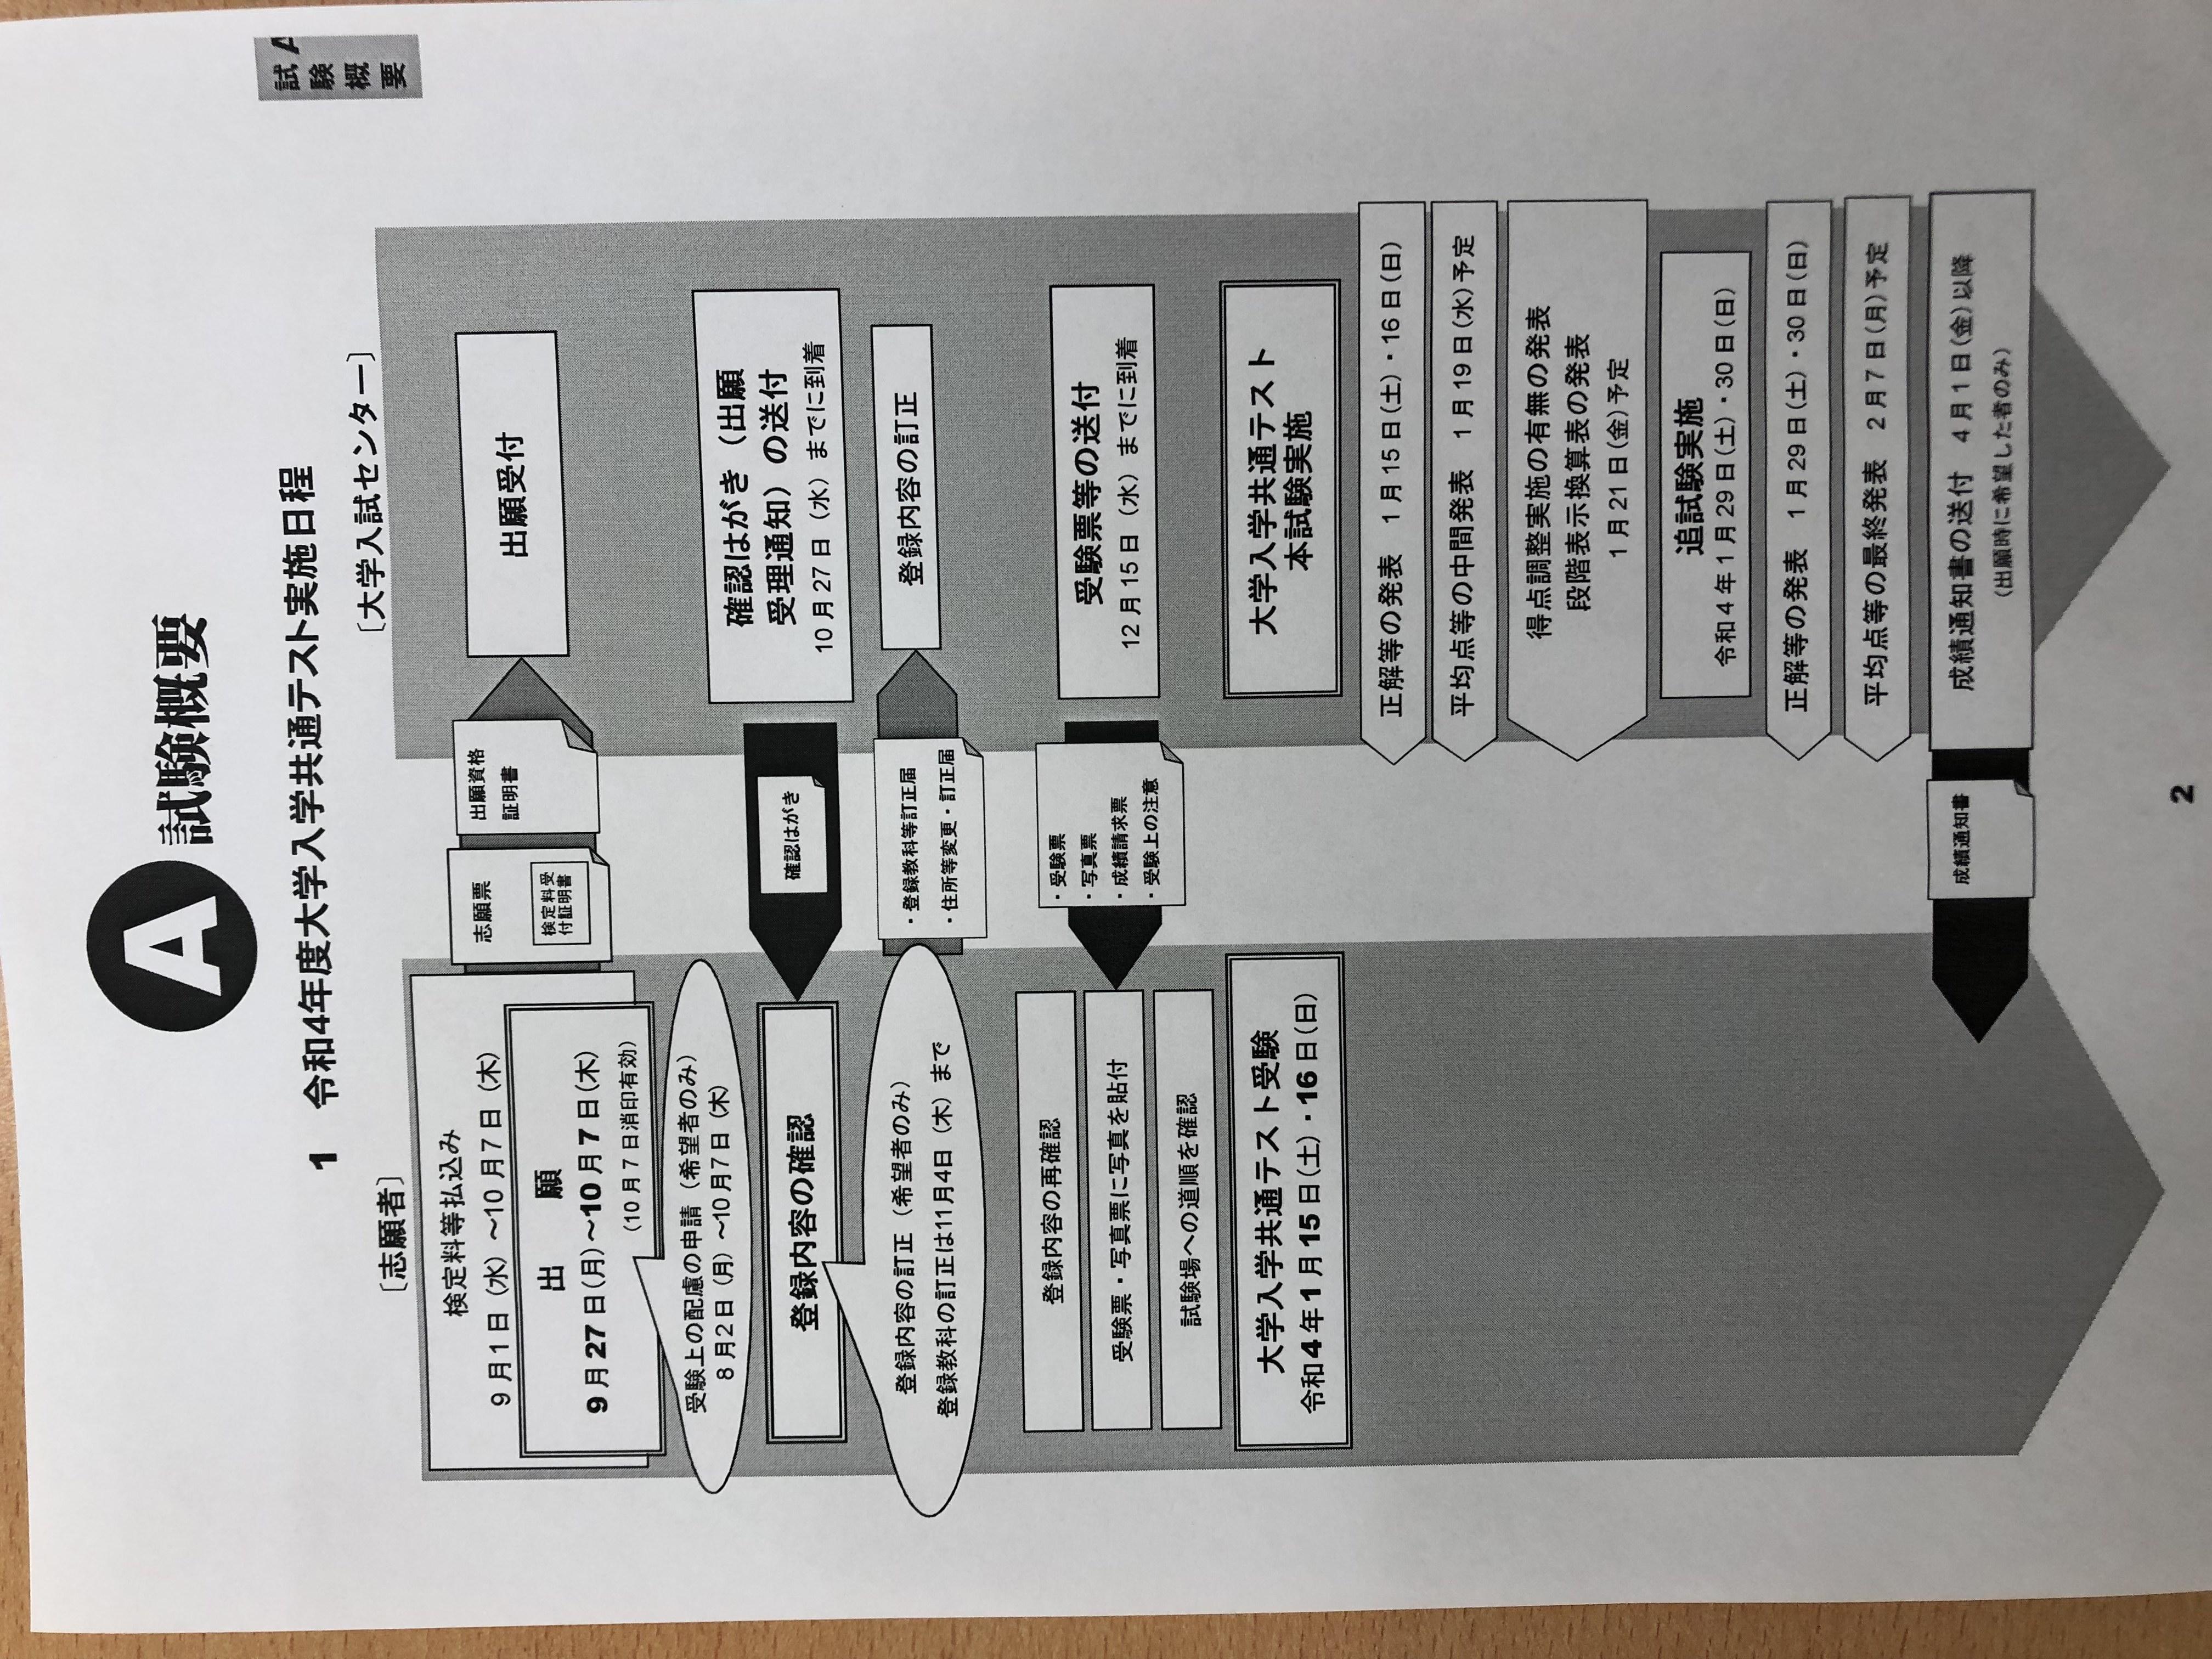 大学入試センターHPの利用!